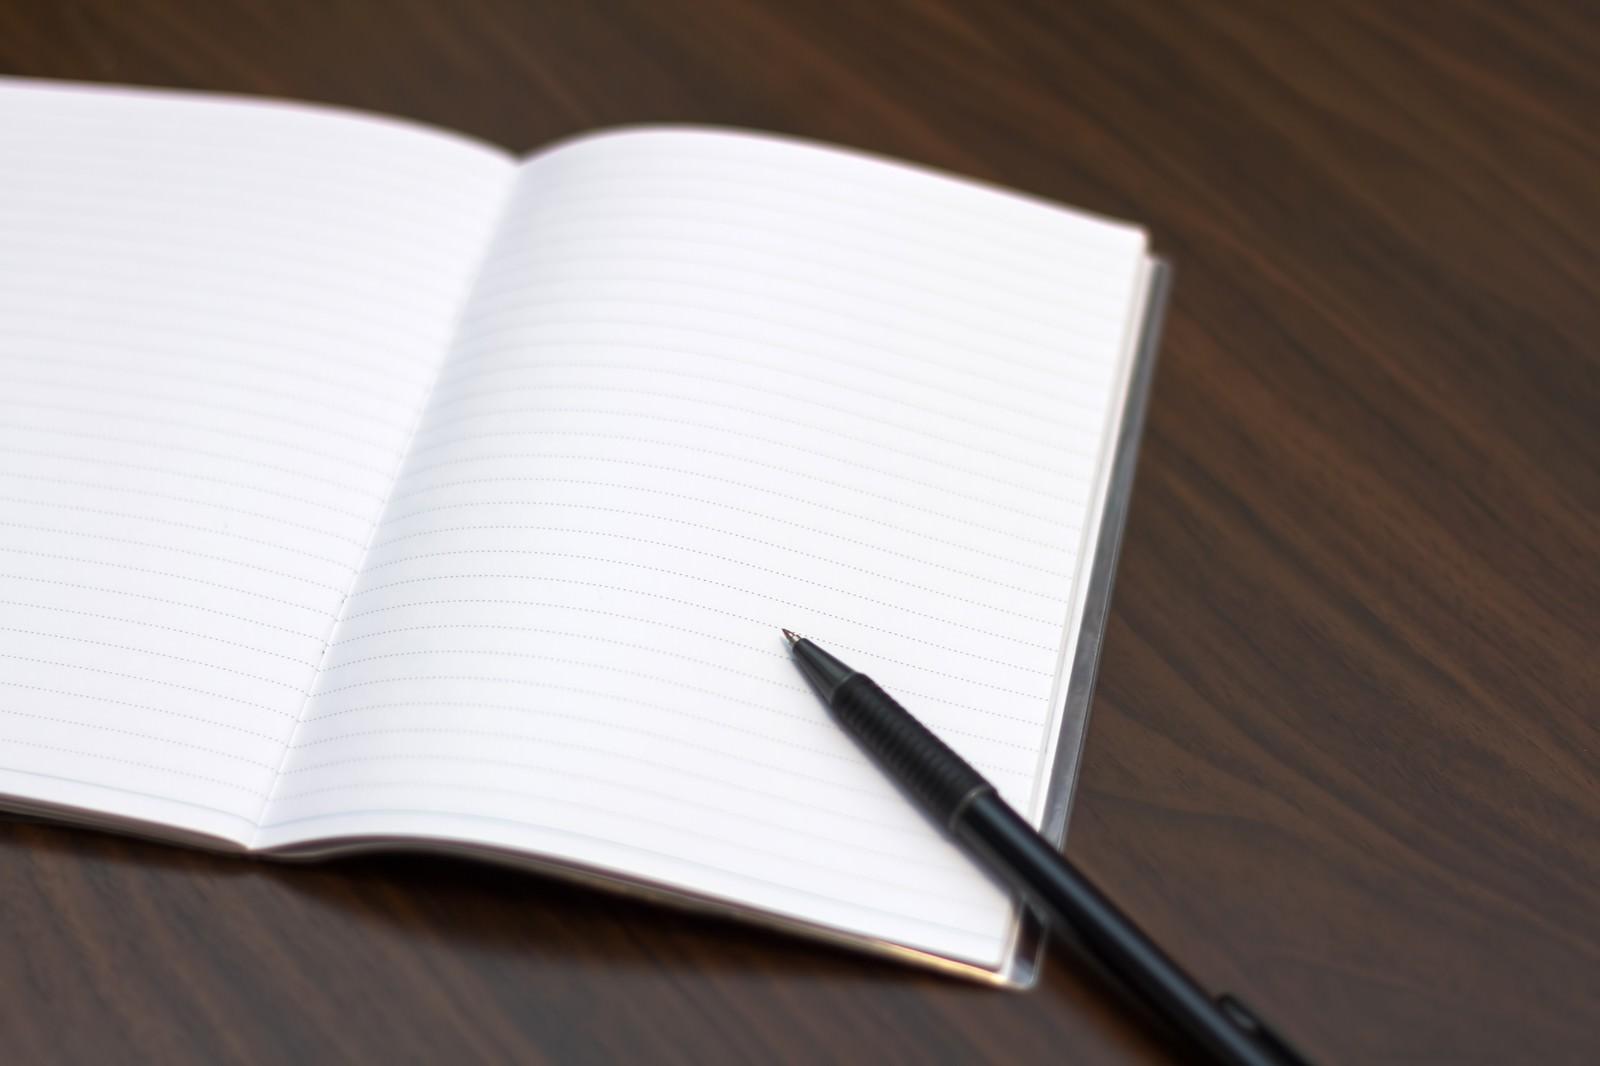 「見開きのノートとペン」の写真